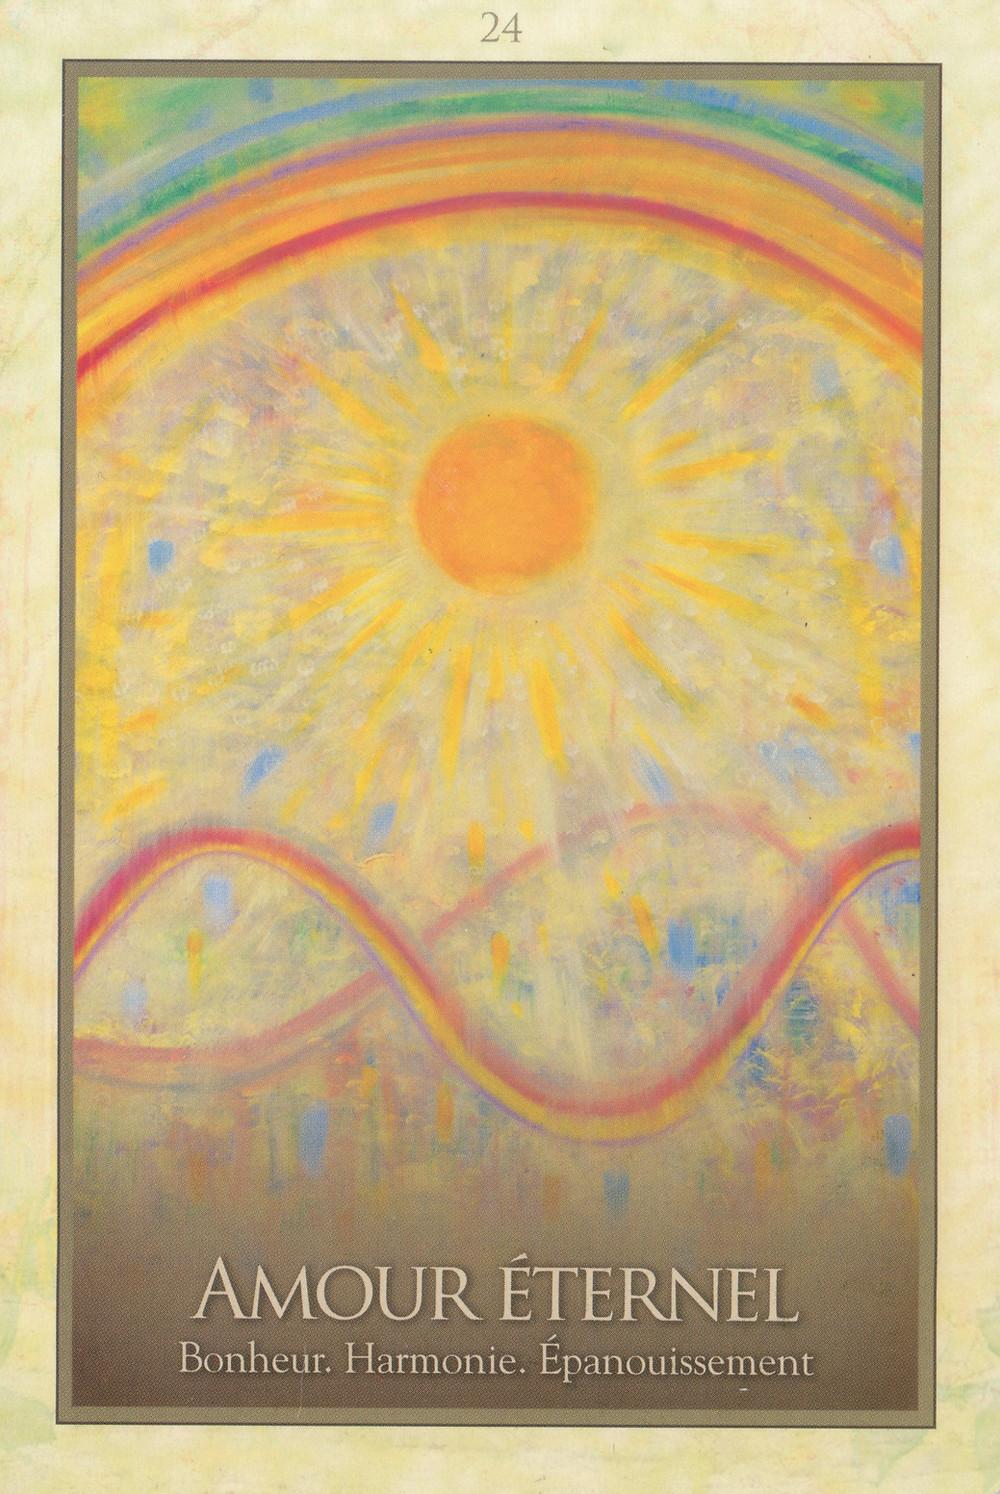 Carte de L'Oracle de Gaïa de Toni Carmine Salerno - Amour Éternel - Bonheur, Harmonie, Épanouissement. Energies du 17 au 23 Février 2020 (Portail du 22 et Nouvelle Lune) : Amour Éternel et Renaissance de l'Union Sacrée